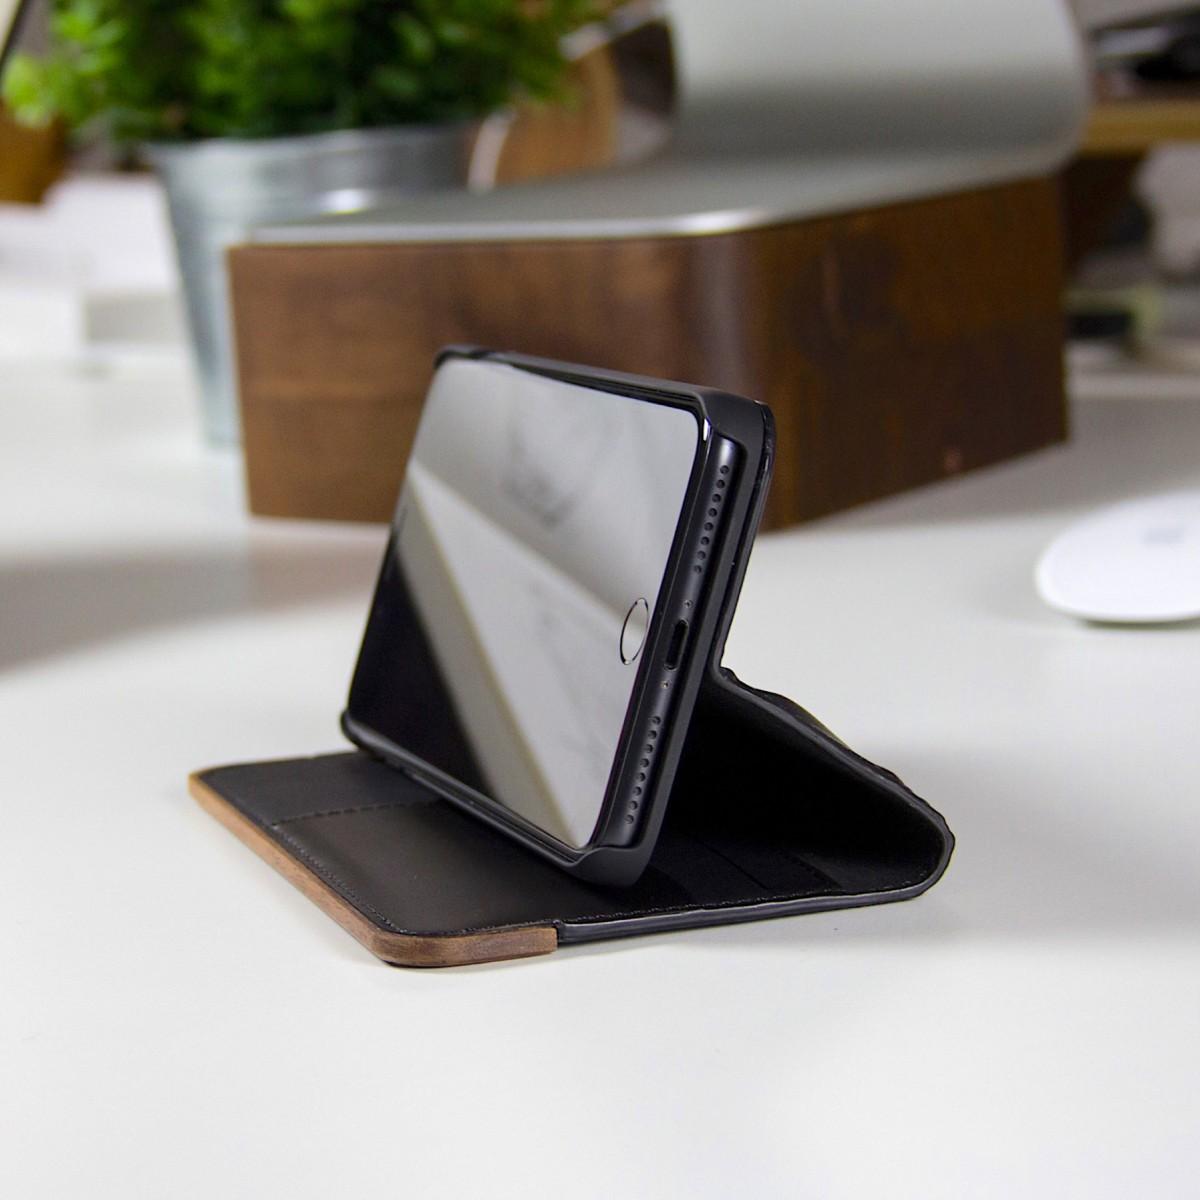 Woodcessories - EcoWallet - Premium Design Hülle, Case, Cover für das iPhone aus FSC zert. Walnuss Holz & hochwertiger Lederoptik (iPhone Xr)